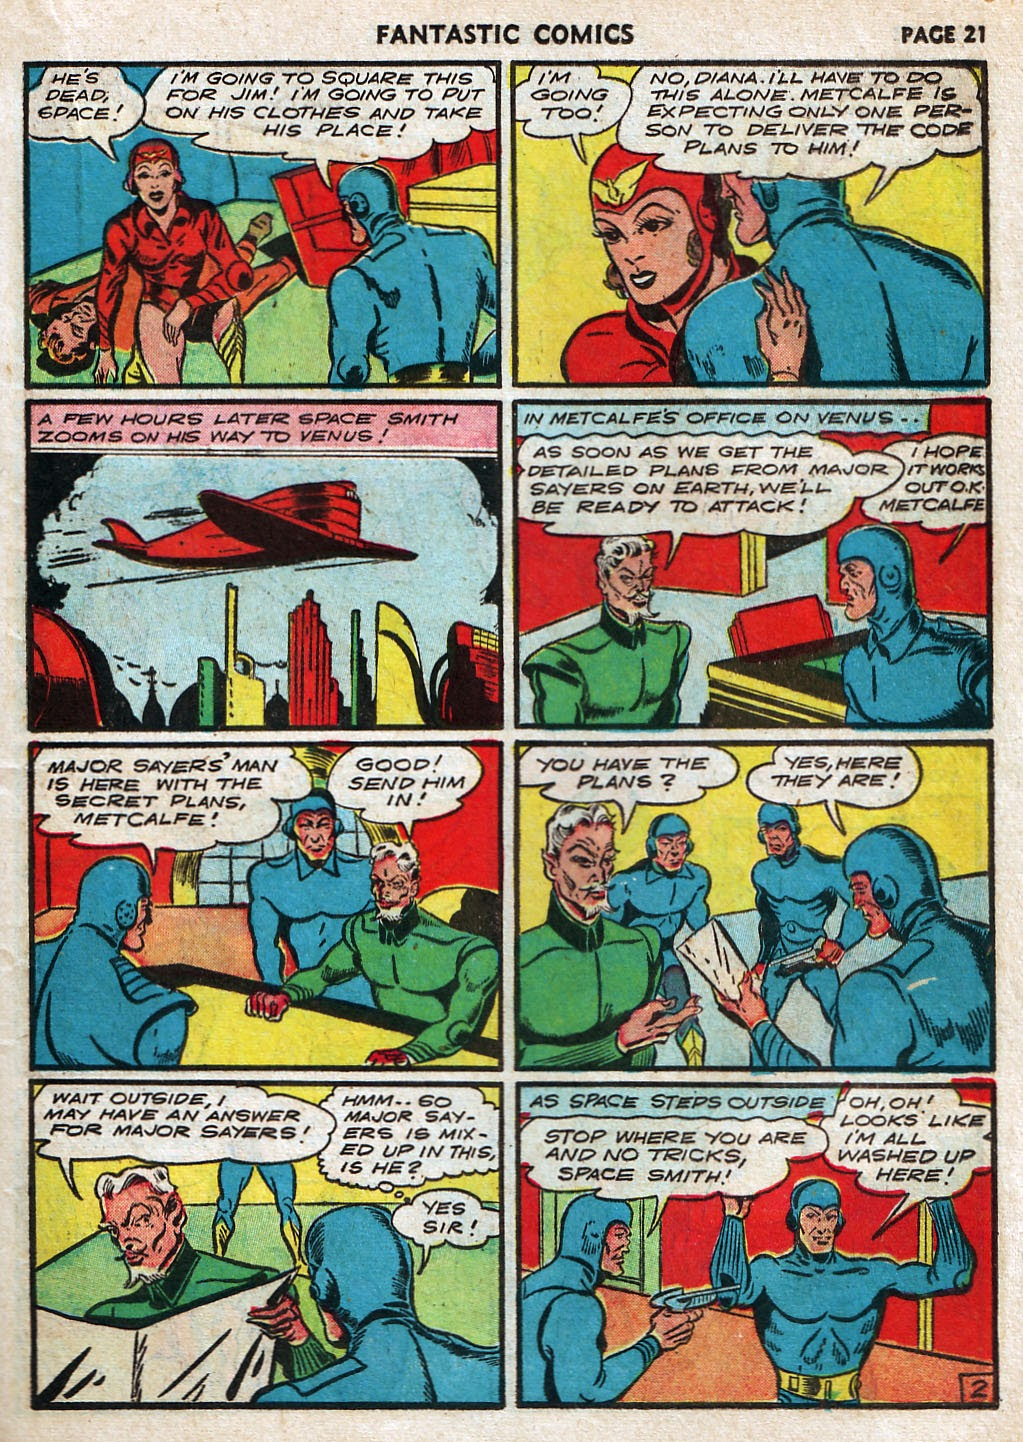 Read online Fantastic Comics comic -  Issue #17 - 23